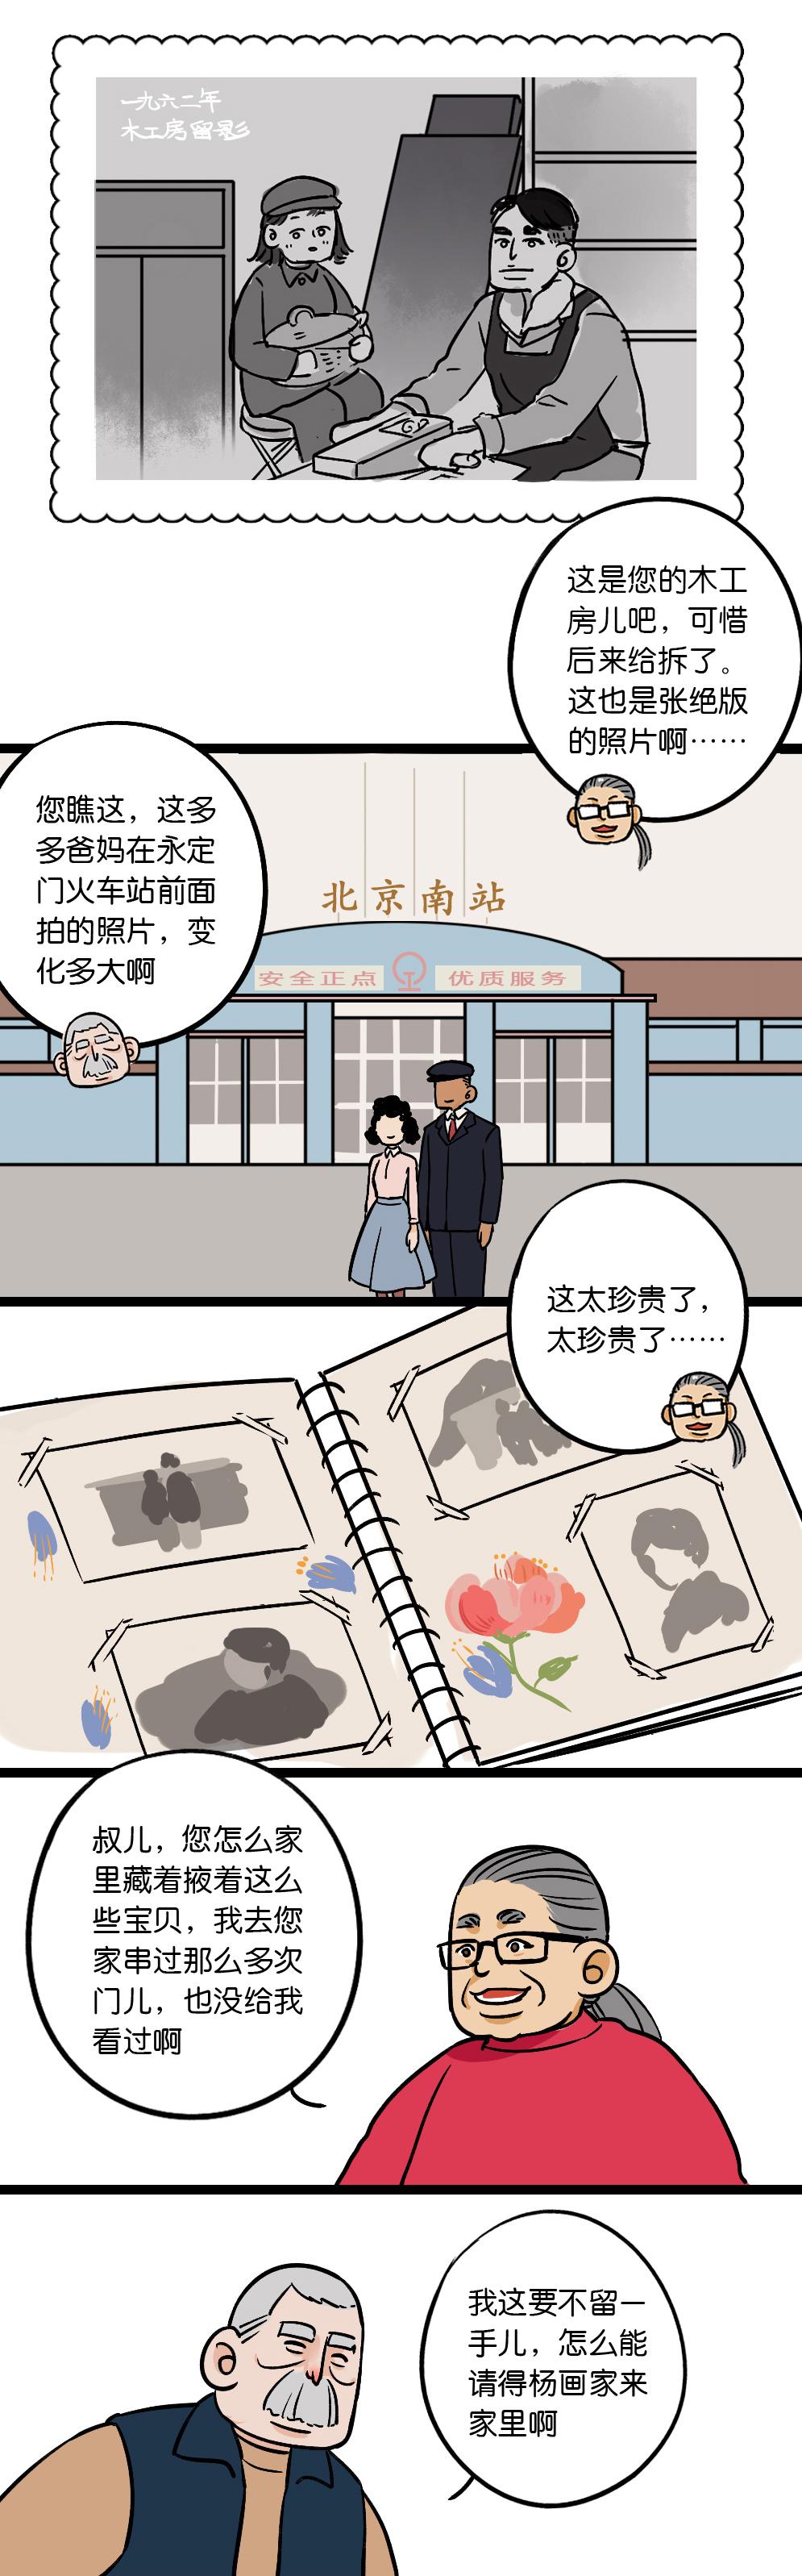 11.30 杨大大话家规漫画2.jpg